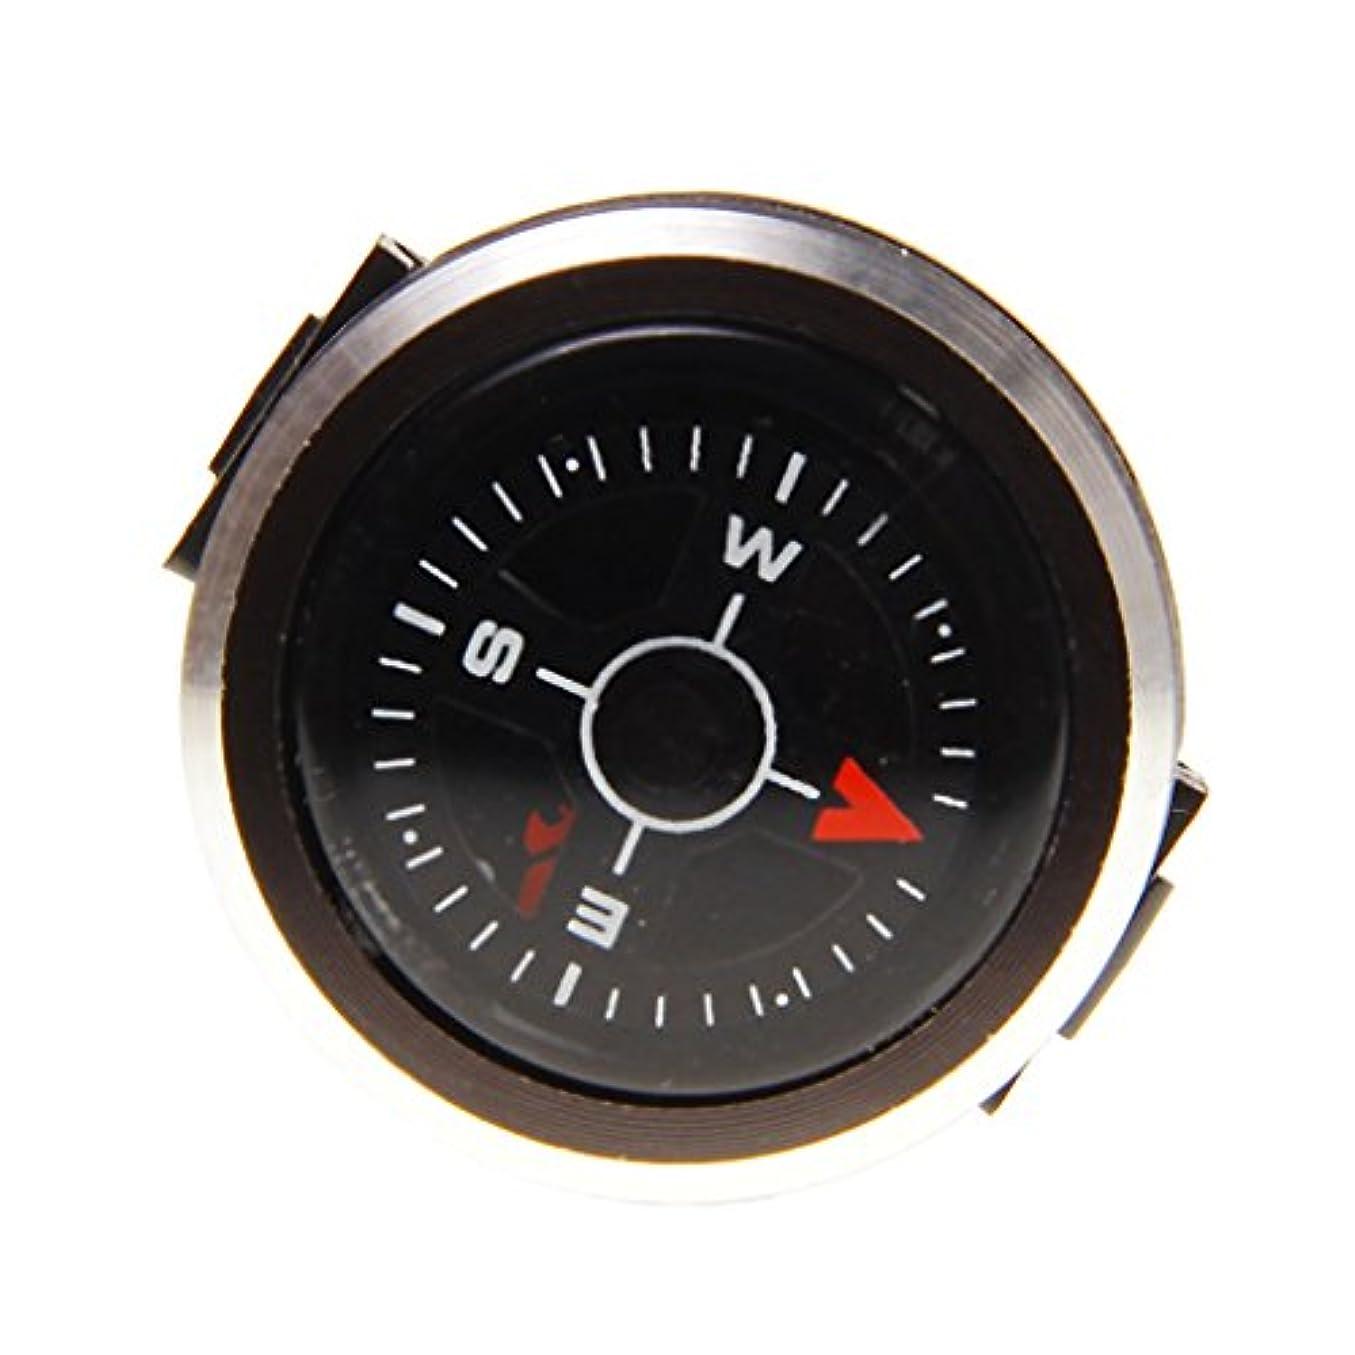 血光沢動物SunniMix 高品質 高感度 屋外 ハイキング 旅行 取り外し可能 アルミニウム合金 腕時計 コンパス 実用 便利